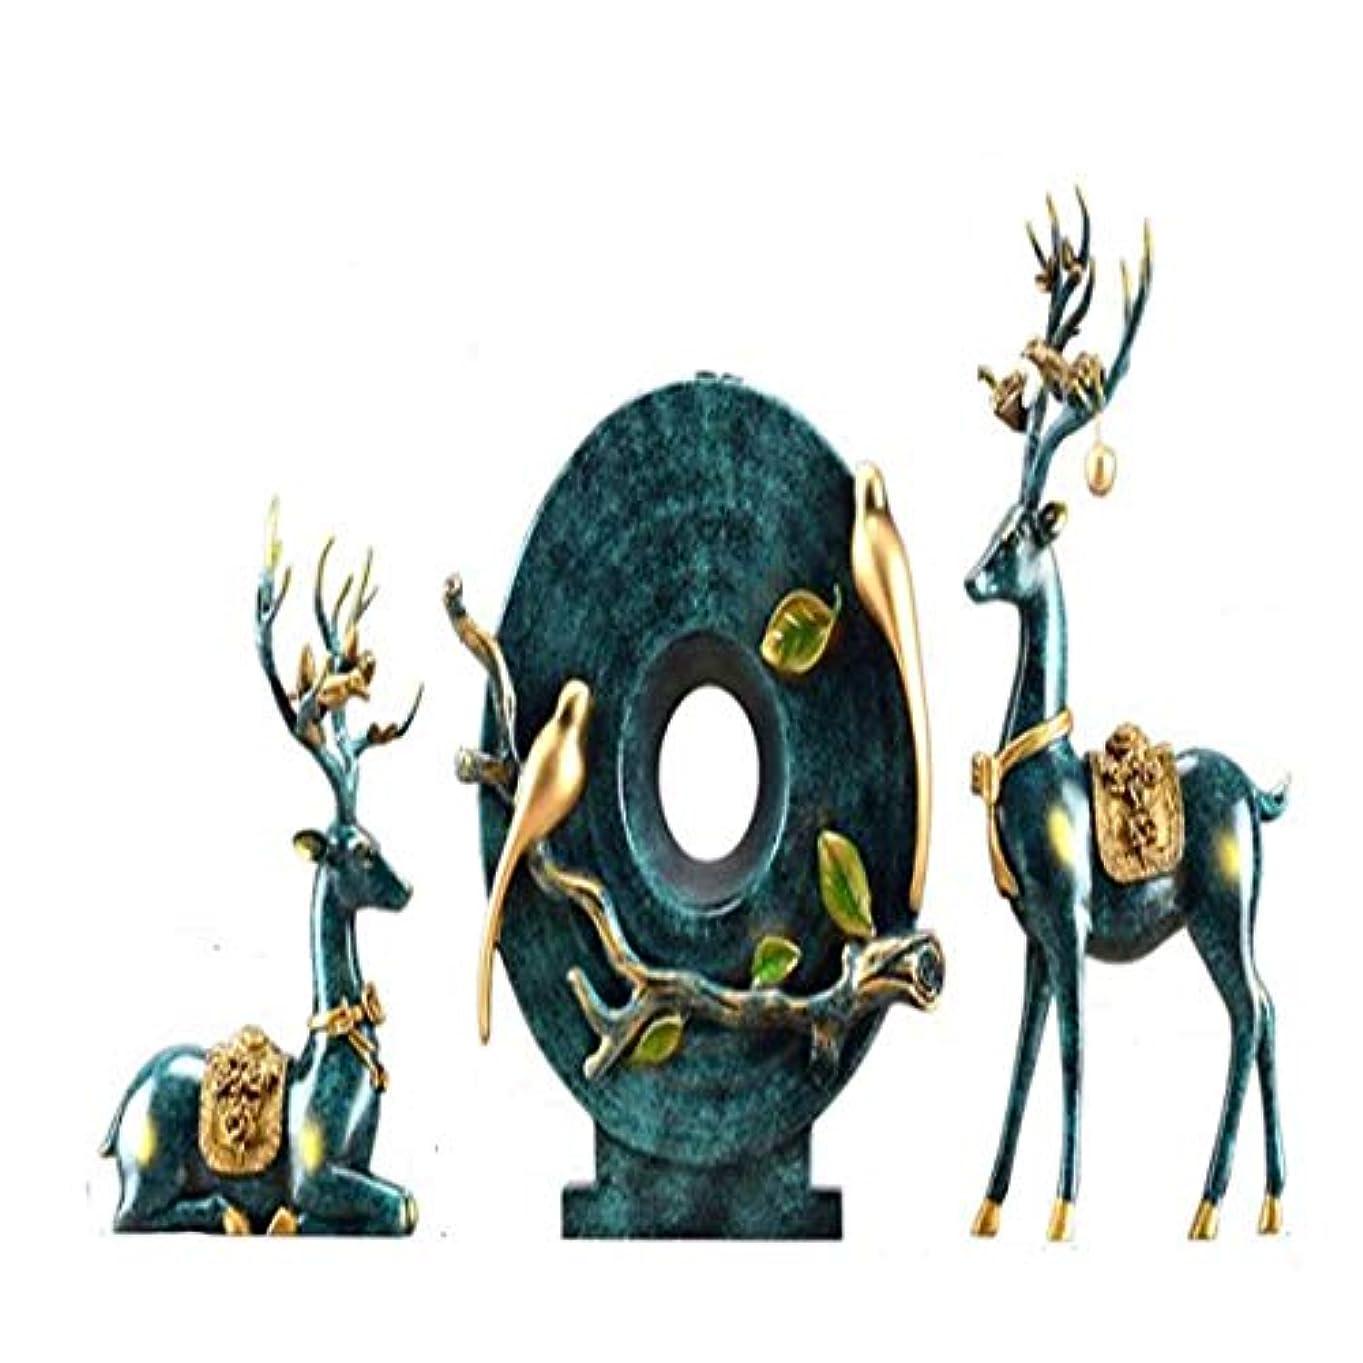 満了知人接続Fengshangshanghang クリエイティブアメリカン鹿の装飾品花瓶リビングルーム新しい家の結婚式のギフトワインキャビネットテレビキャビネットホームソフト装飾家具,家の装飾 (Color : A)